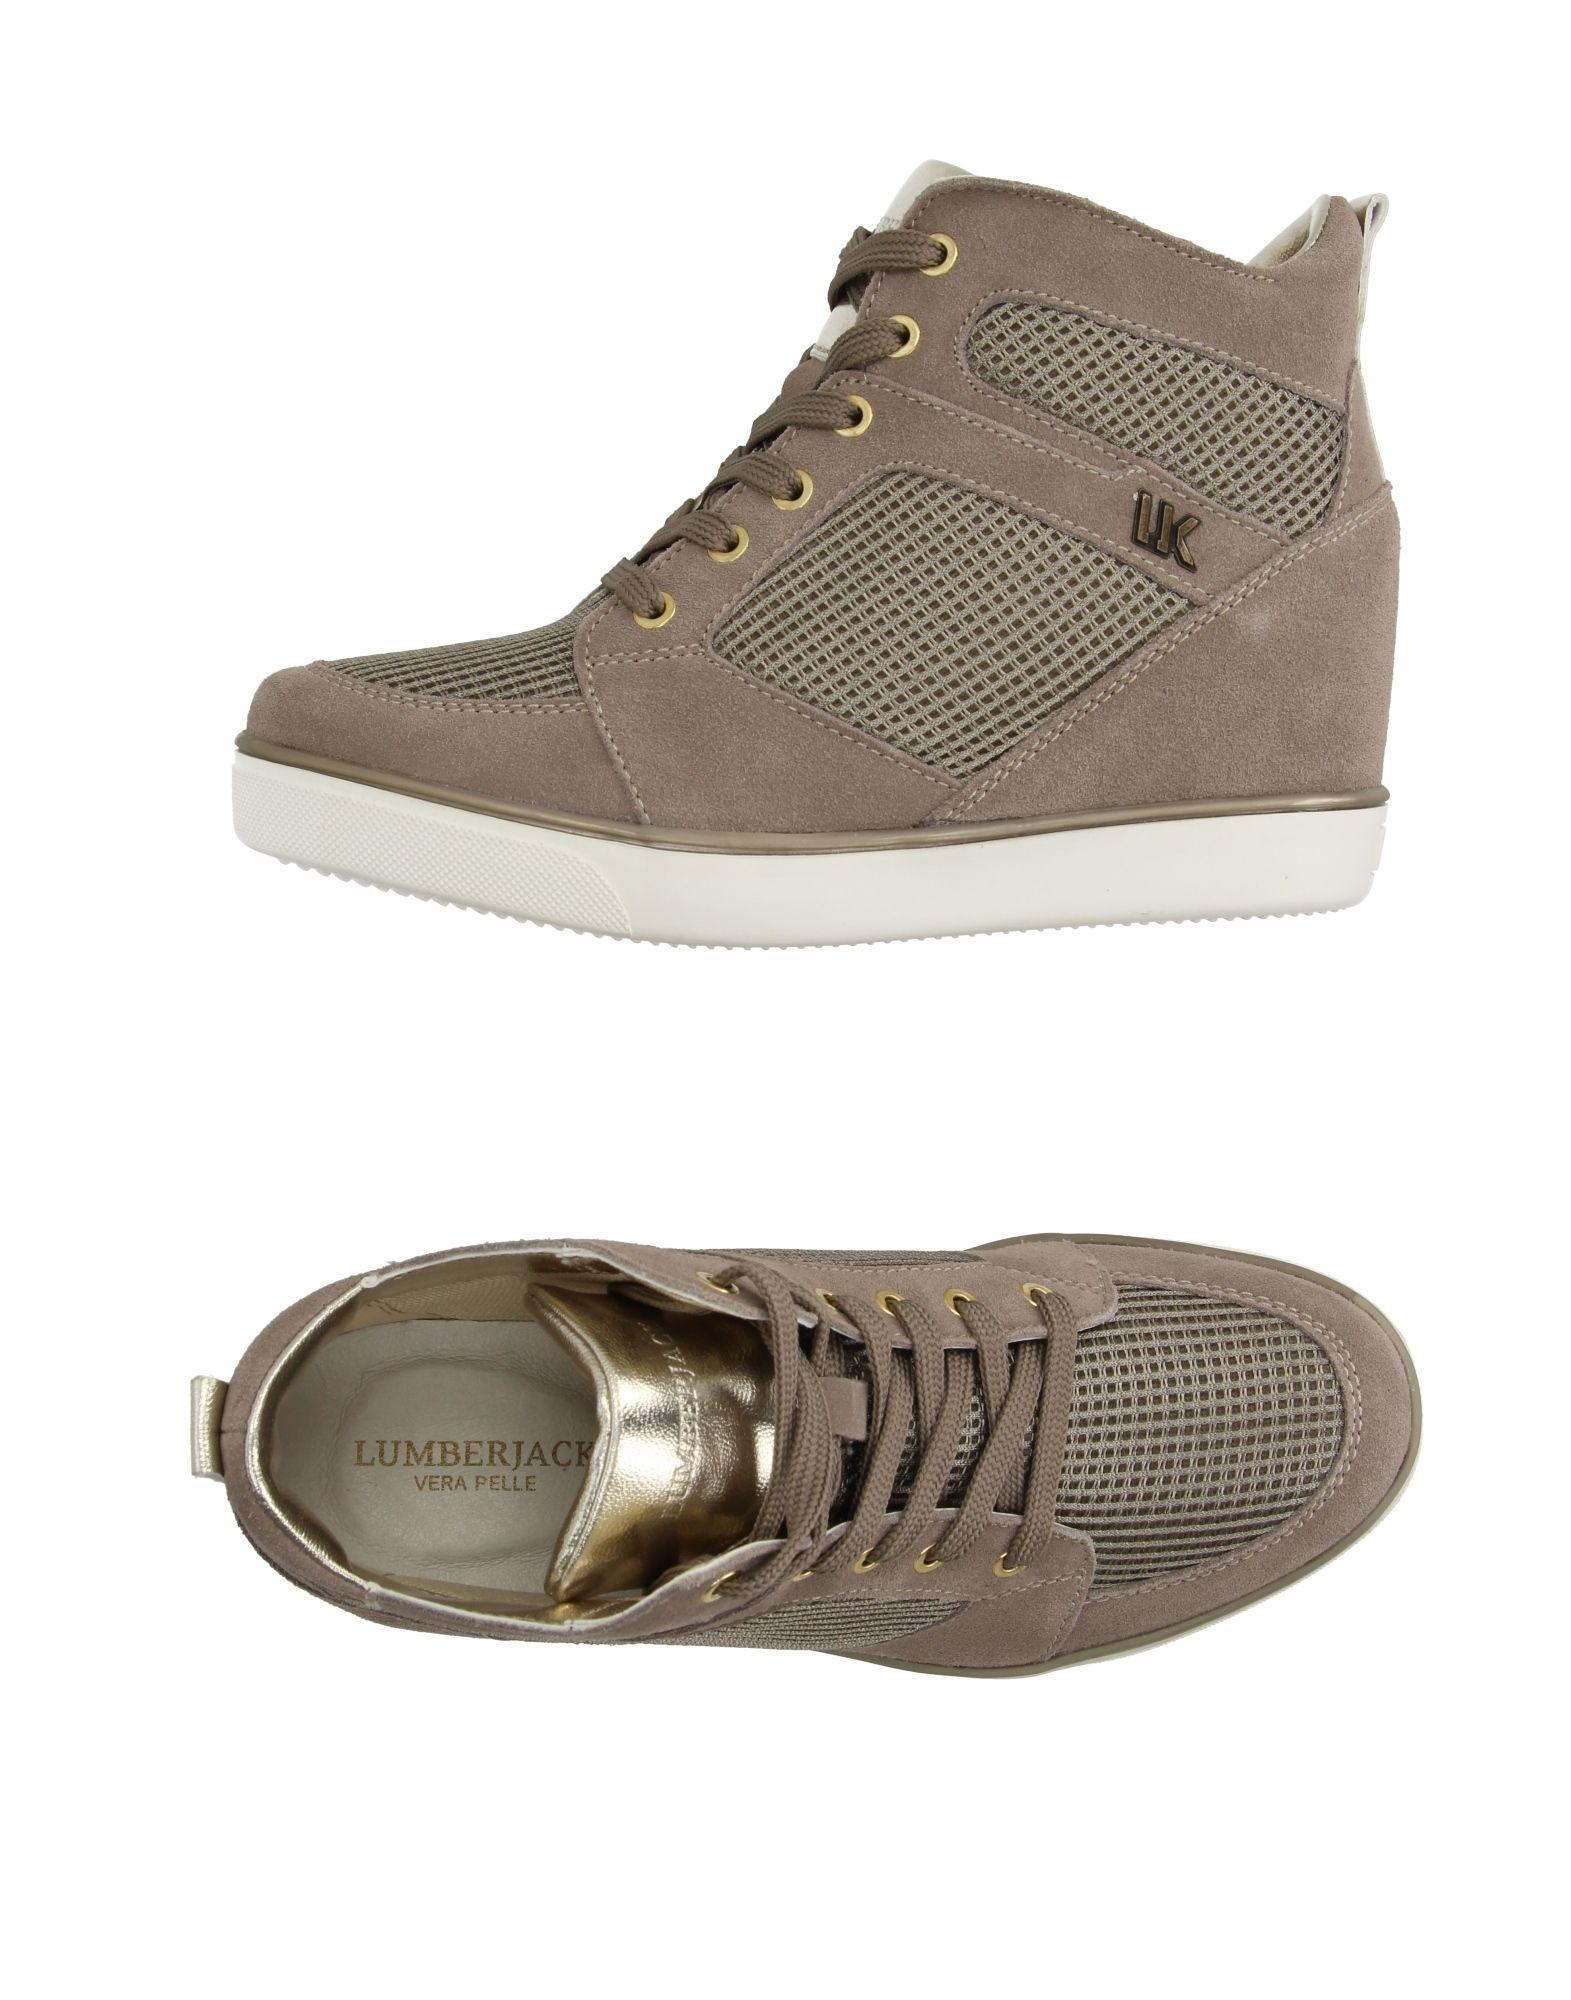 LUMBERJACK Damen High Sneakers & Tennisschuhe Farbe Hellbraun Größe 5 jetztbilligerkaufen